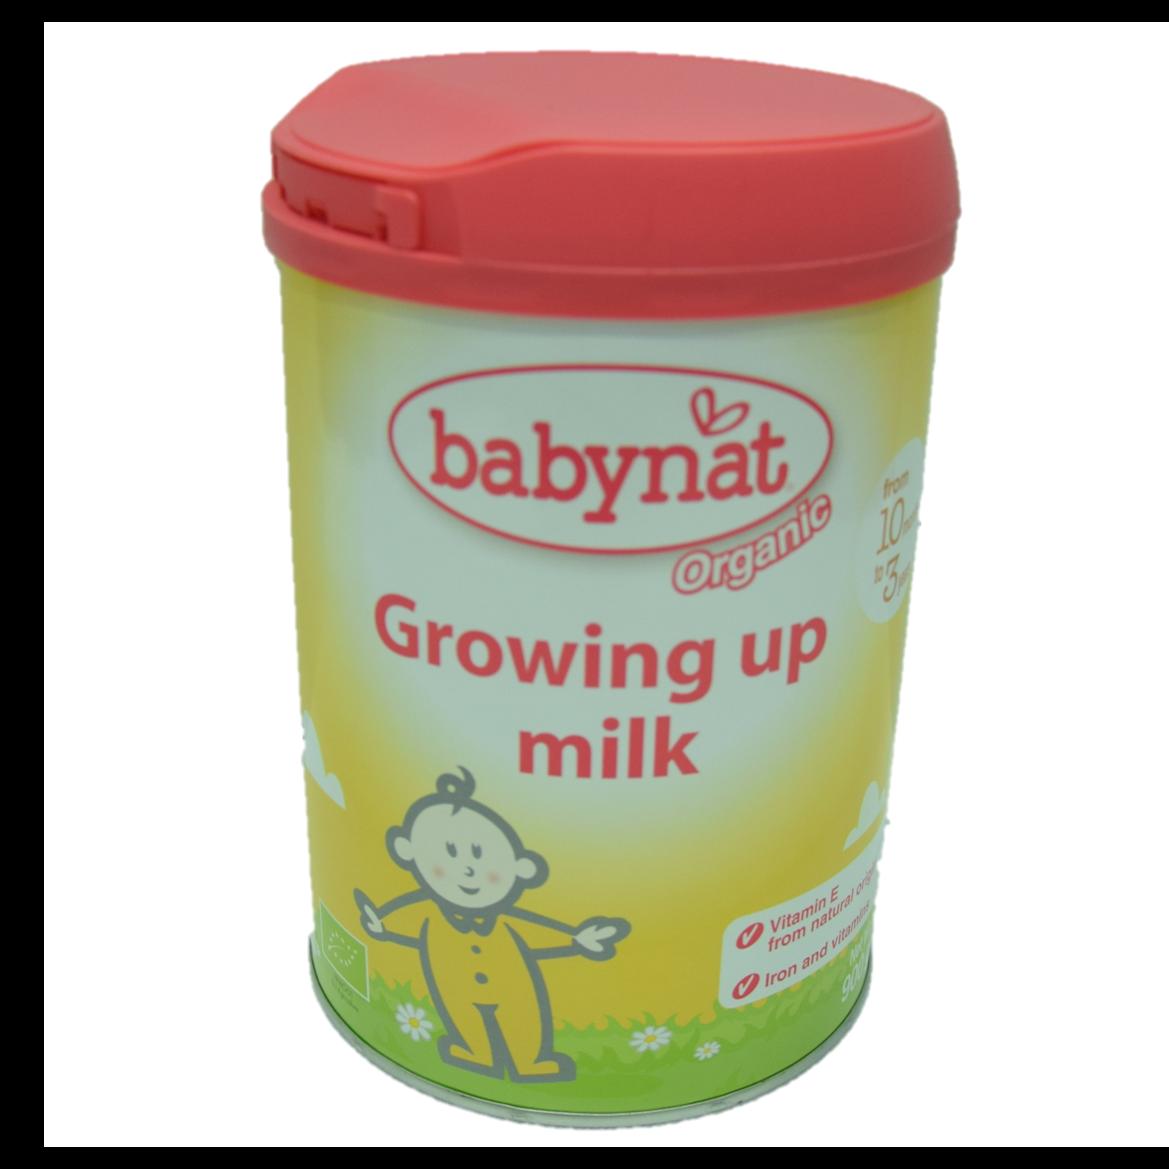 Babynat Organic Growing Up Milk (10 mos. onwards), 900 g